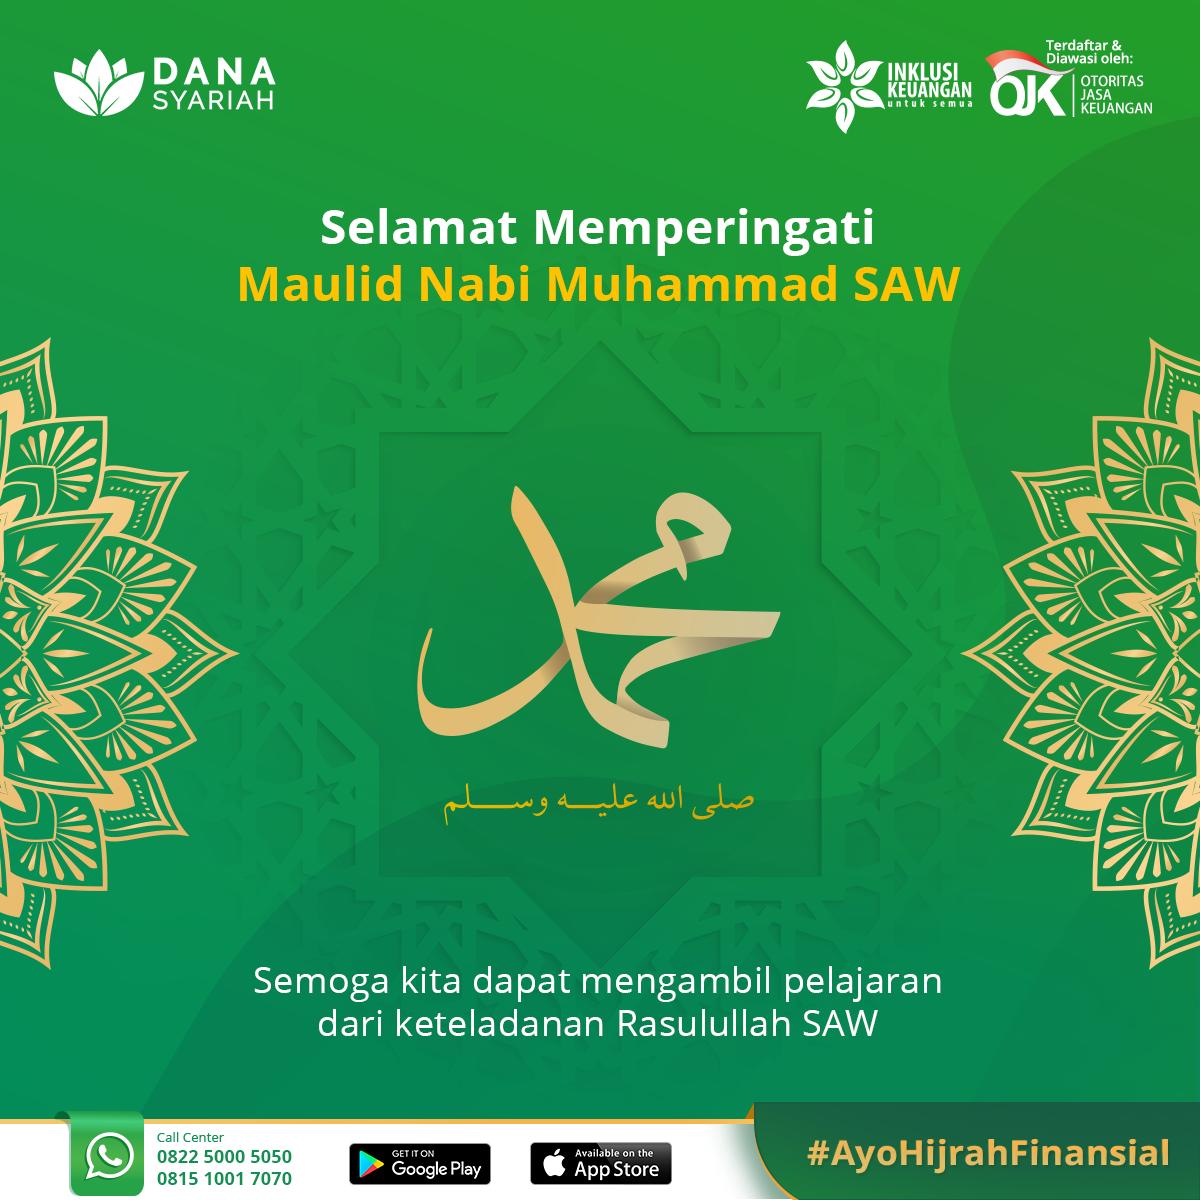 Dana Syariah Selamat Memperingati Maulid Nabi Muhammad S.A.W